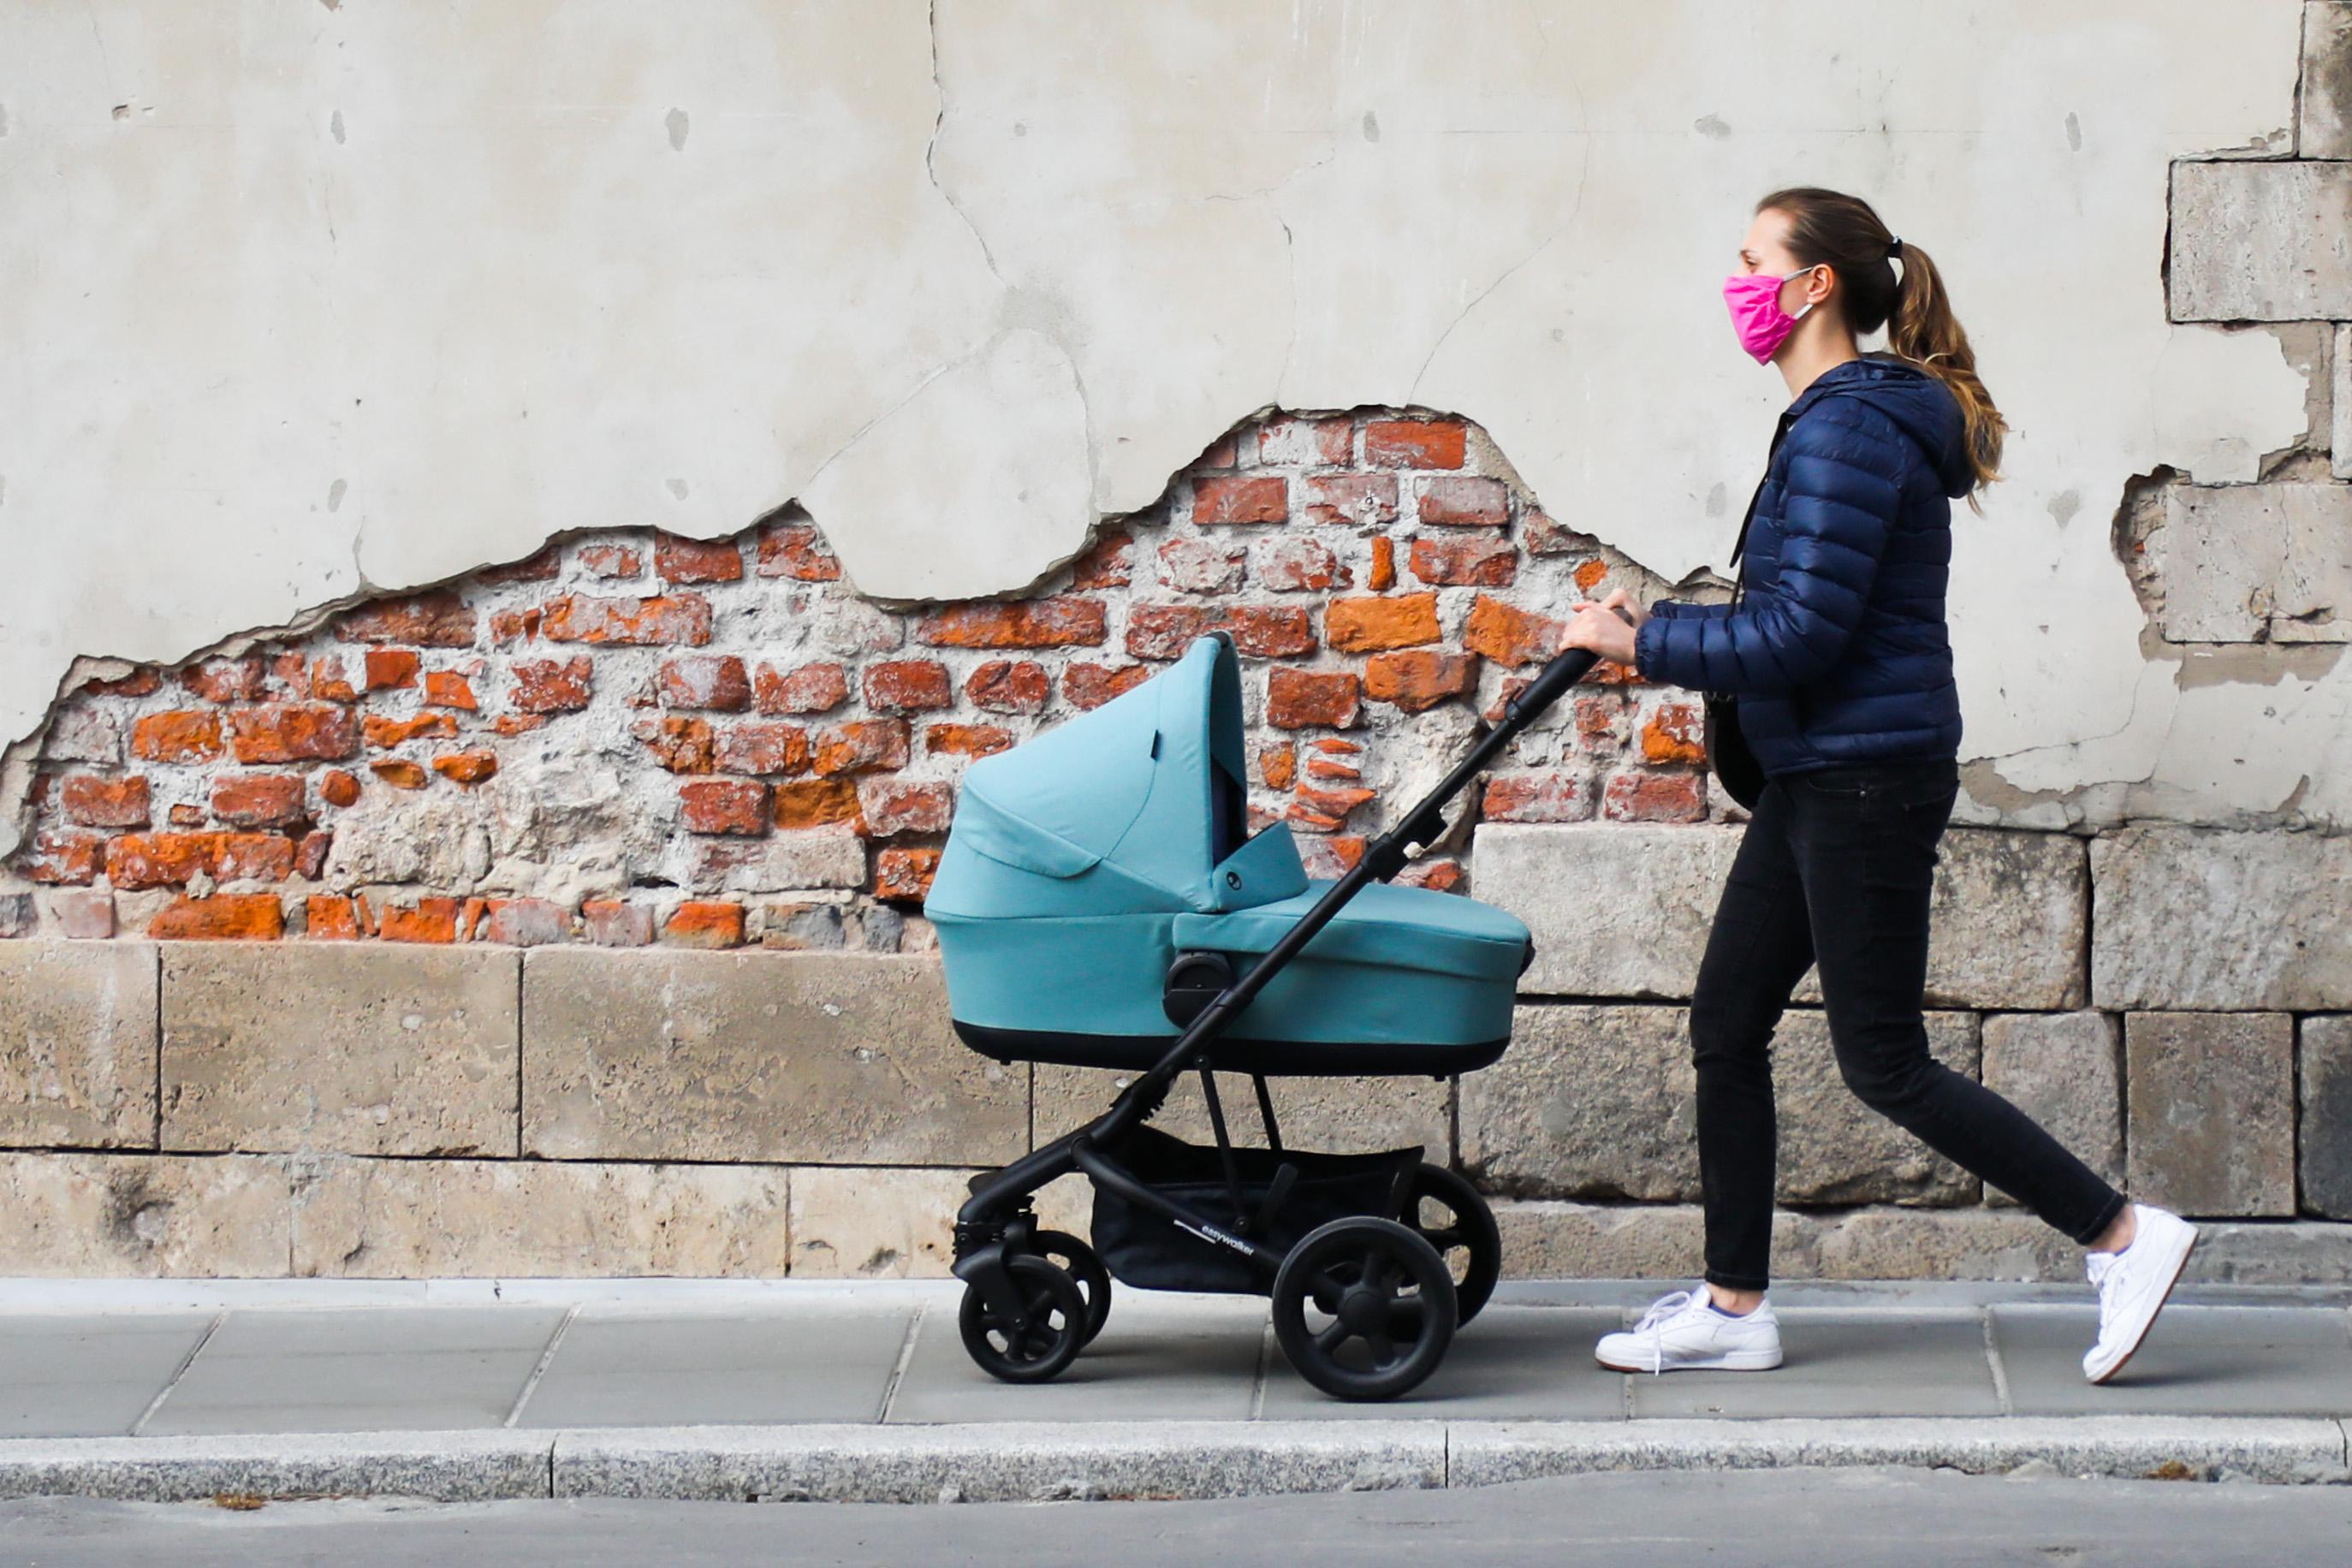 Pár napig a szoptató anyákat is előrevették volna az oltási tervben, aztán valaki meggondolta magát